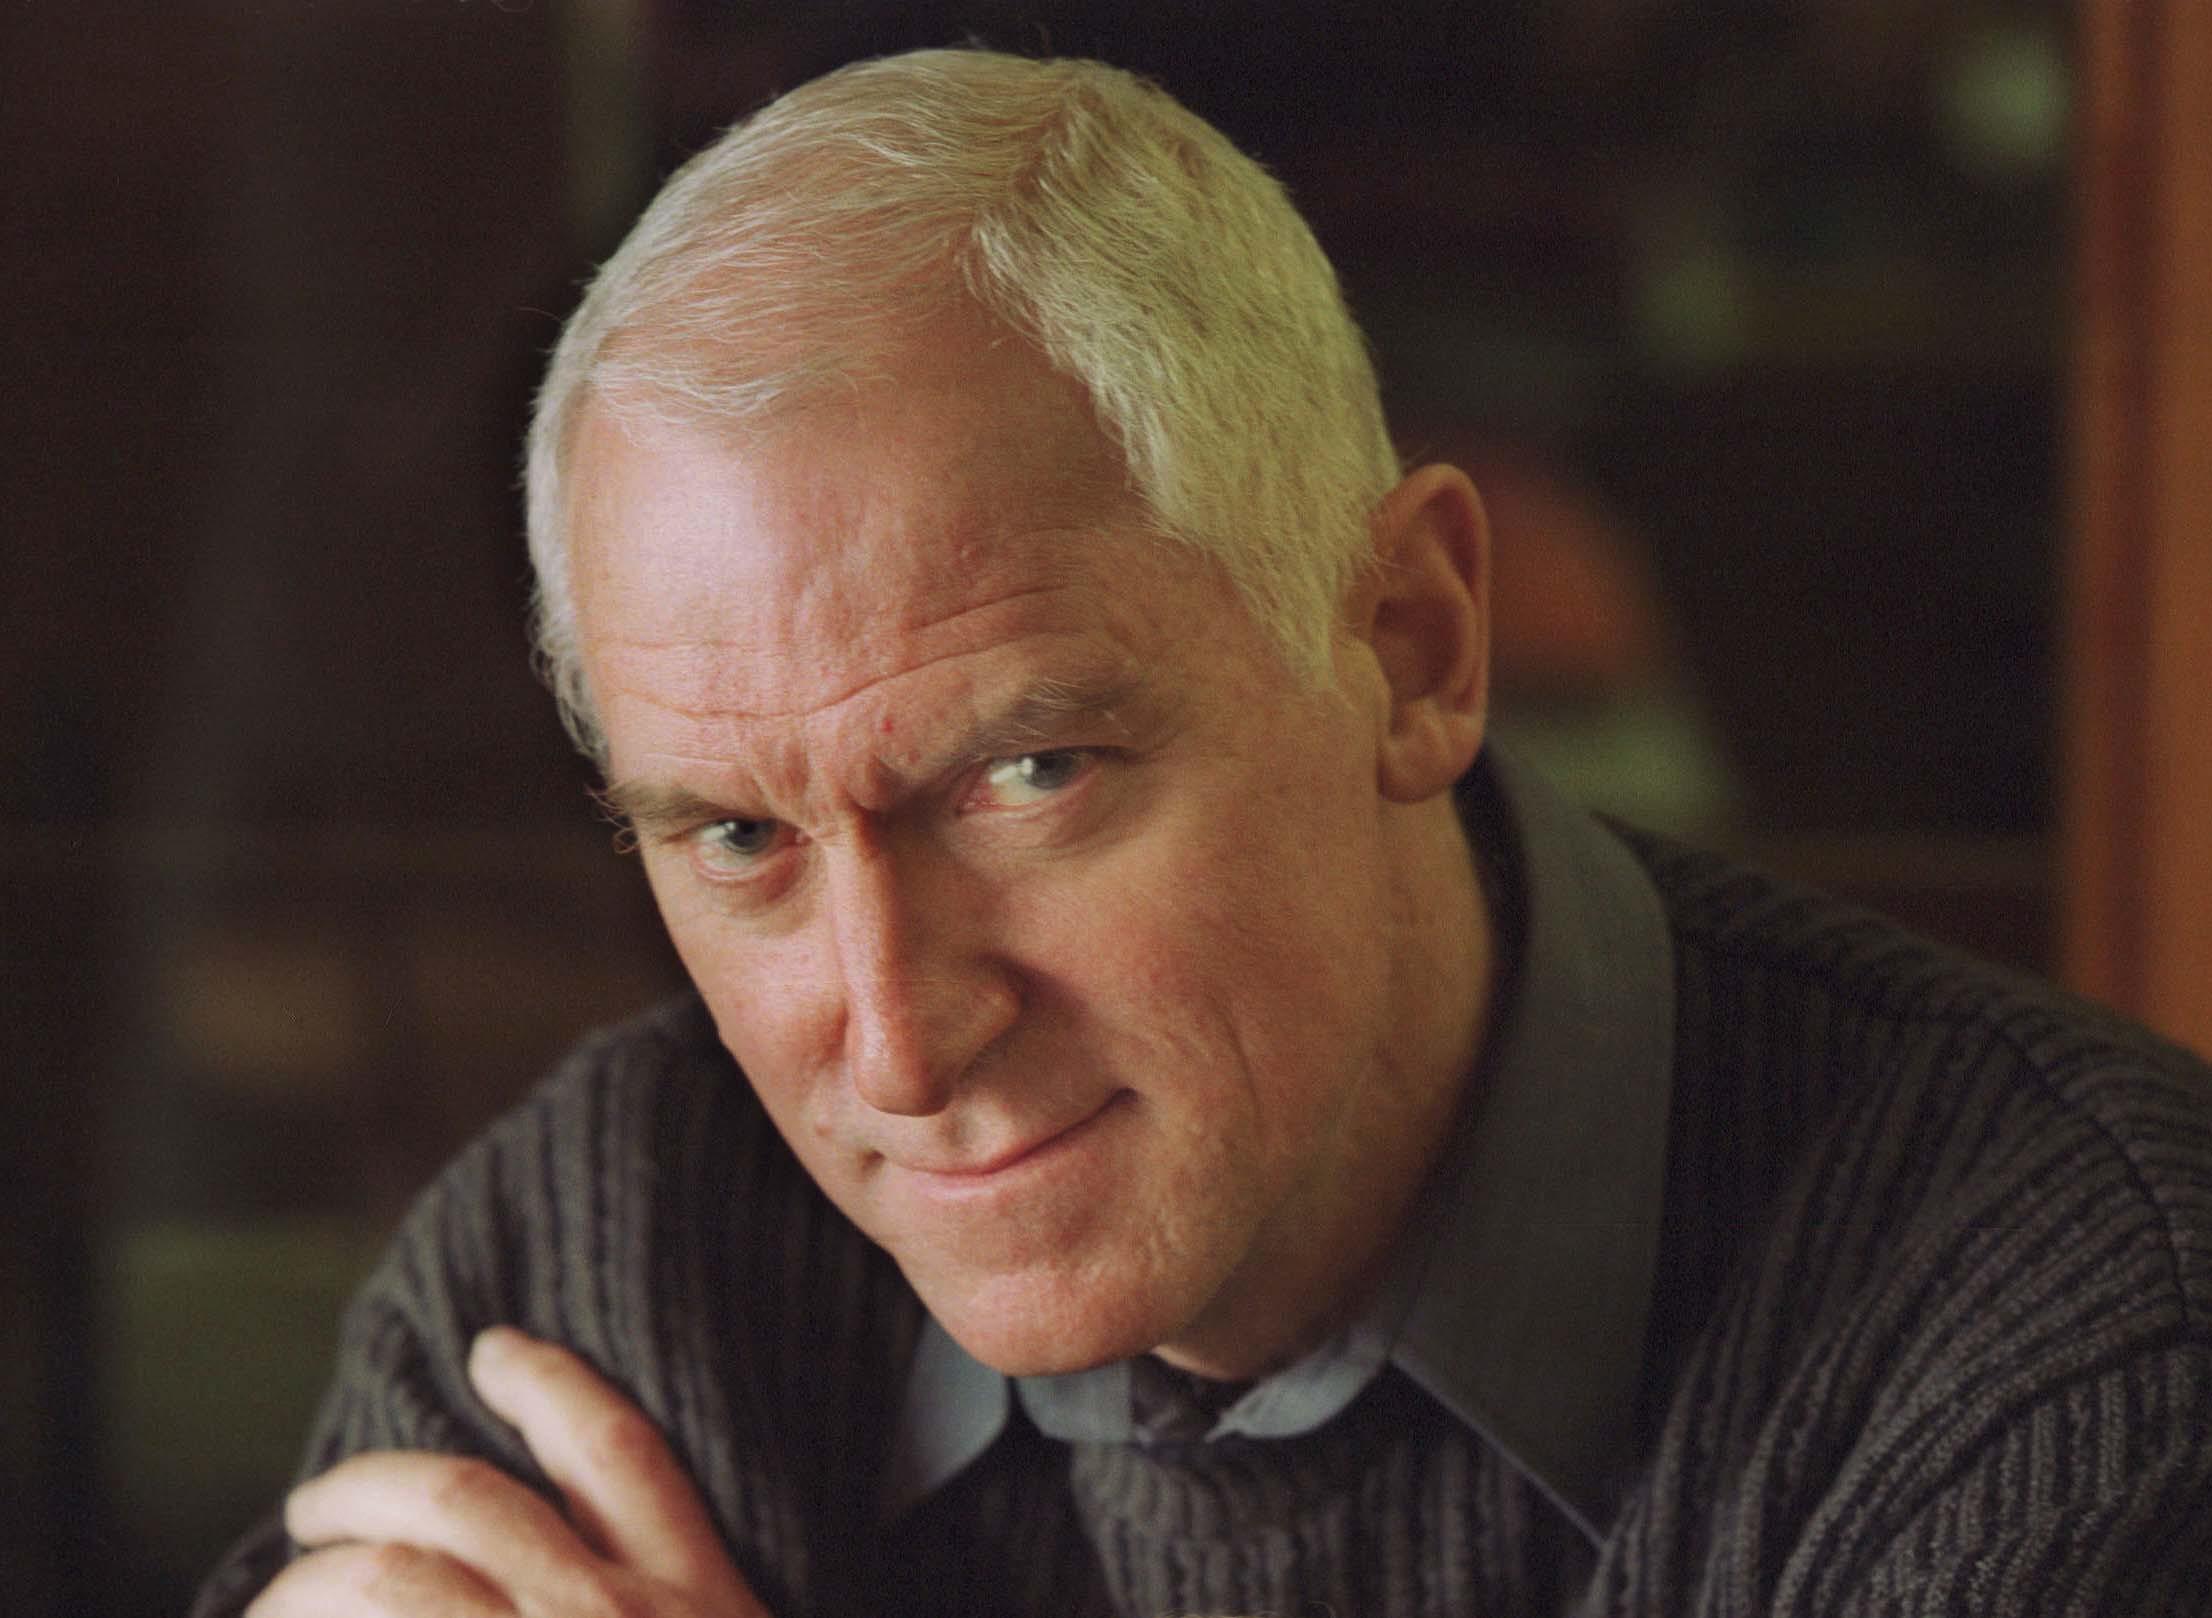 CHP_Export_52939893_2-5-2001 John Stanton Actor..jpg